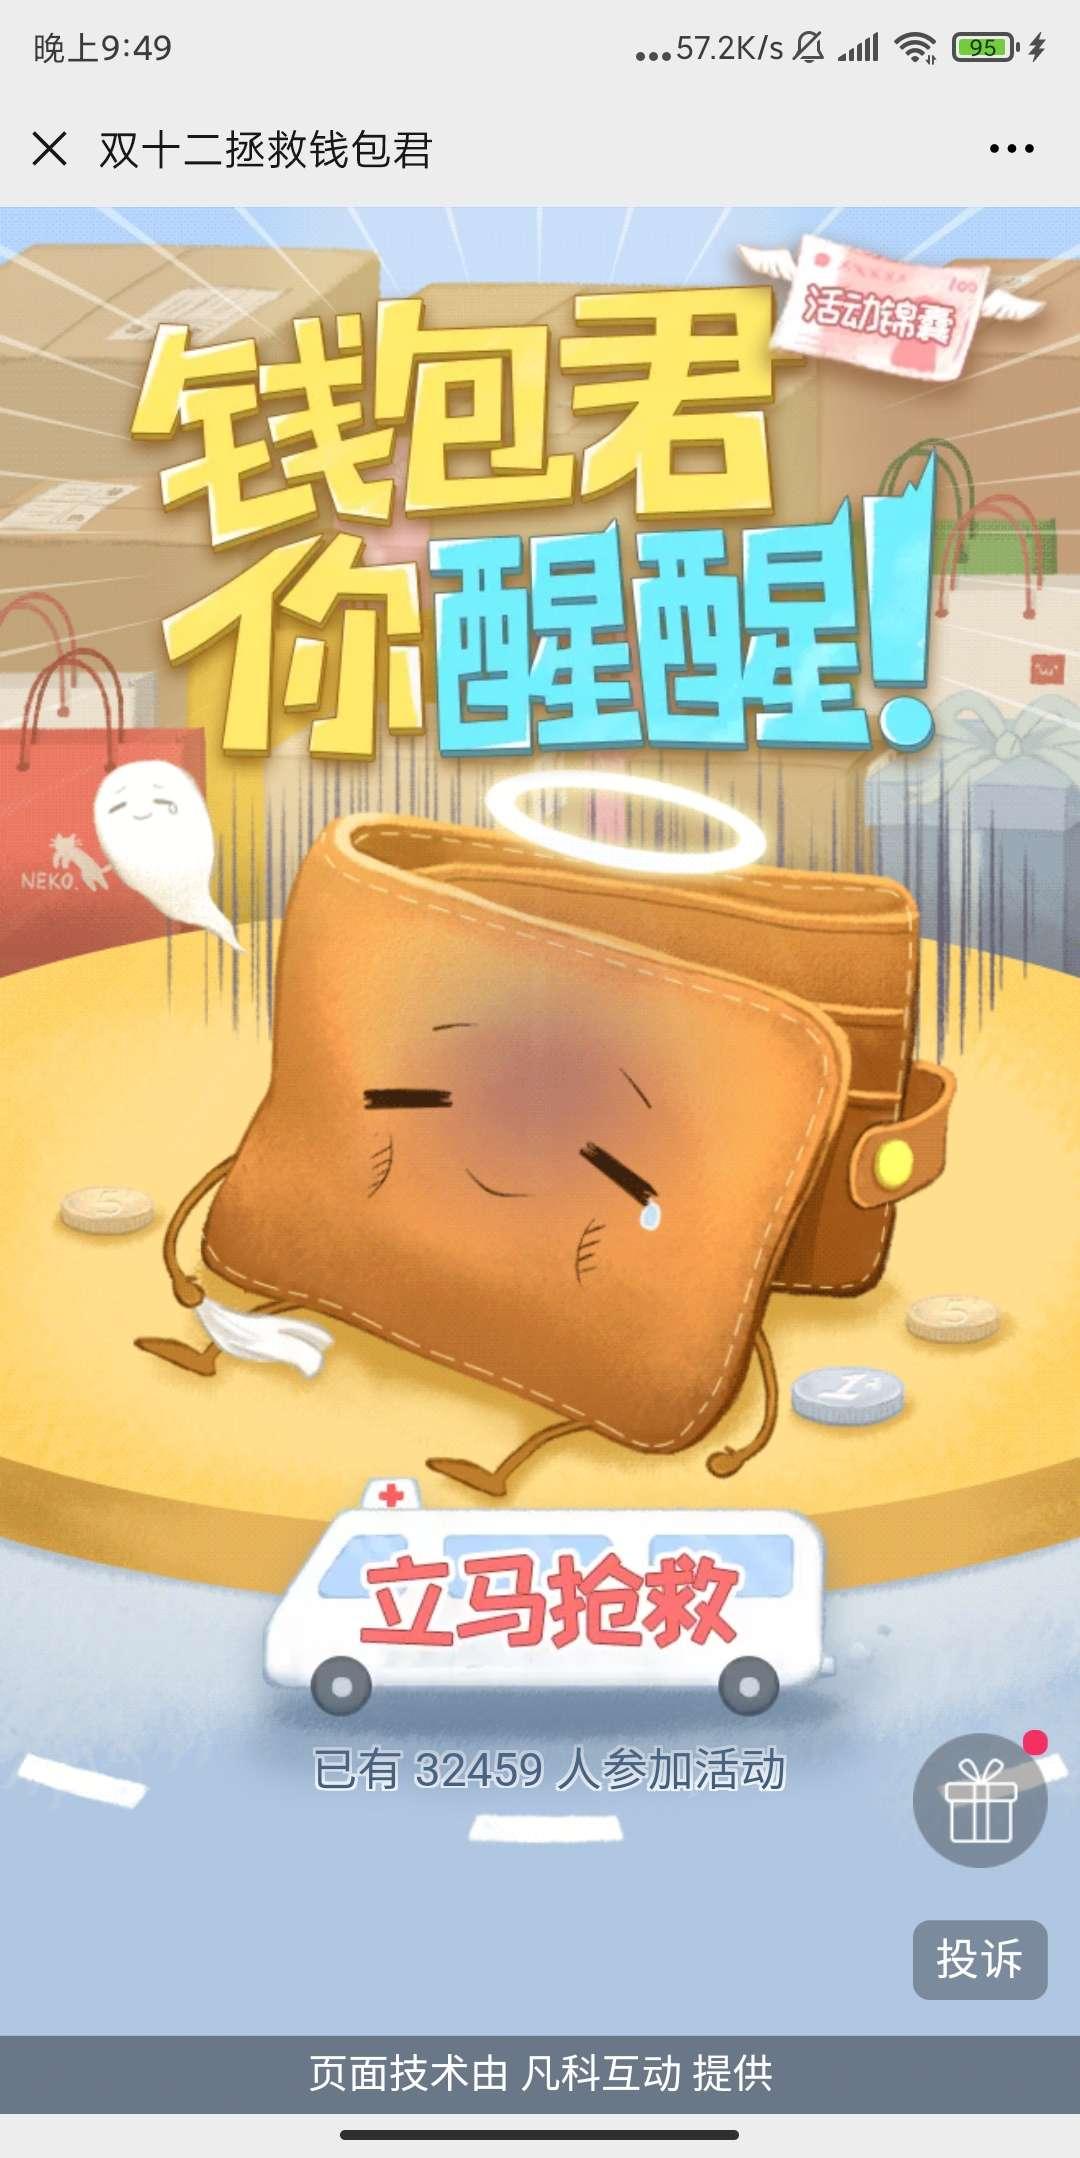 【现金活动】华辉人力拯救钱包君小游戏抽红包-聚合资源网